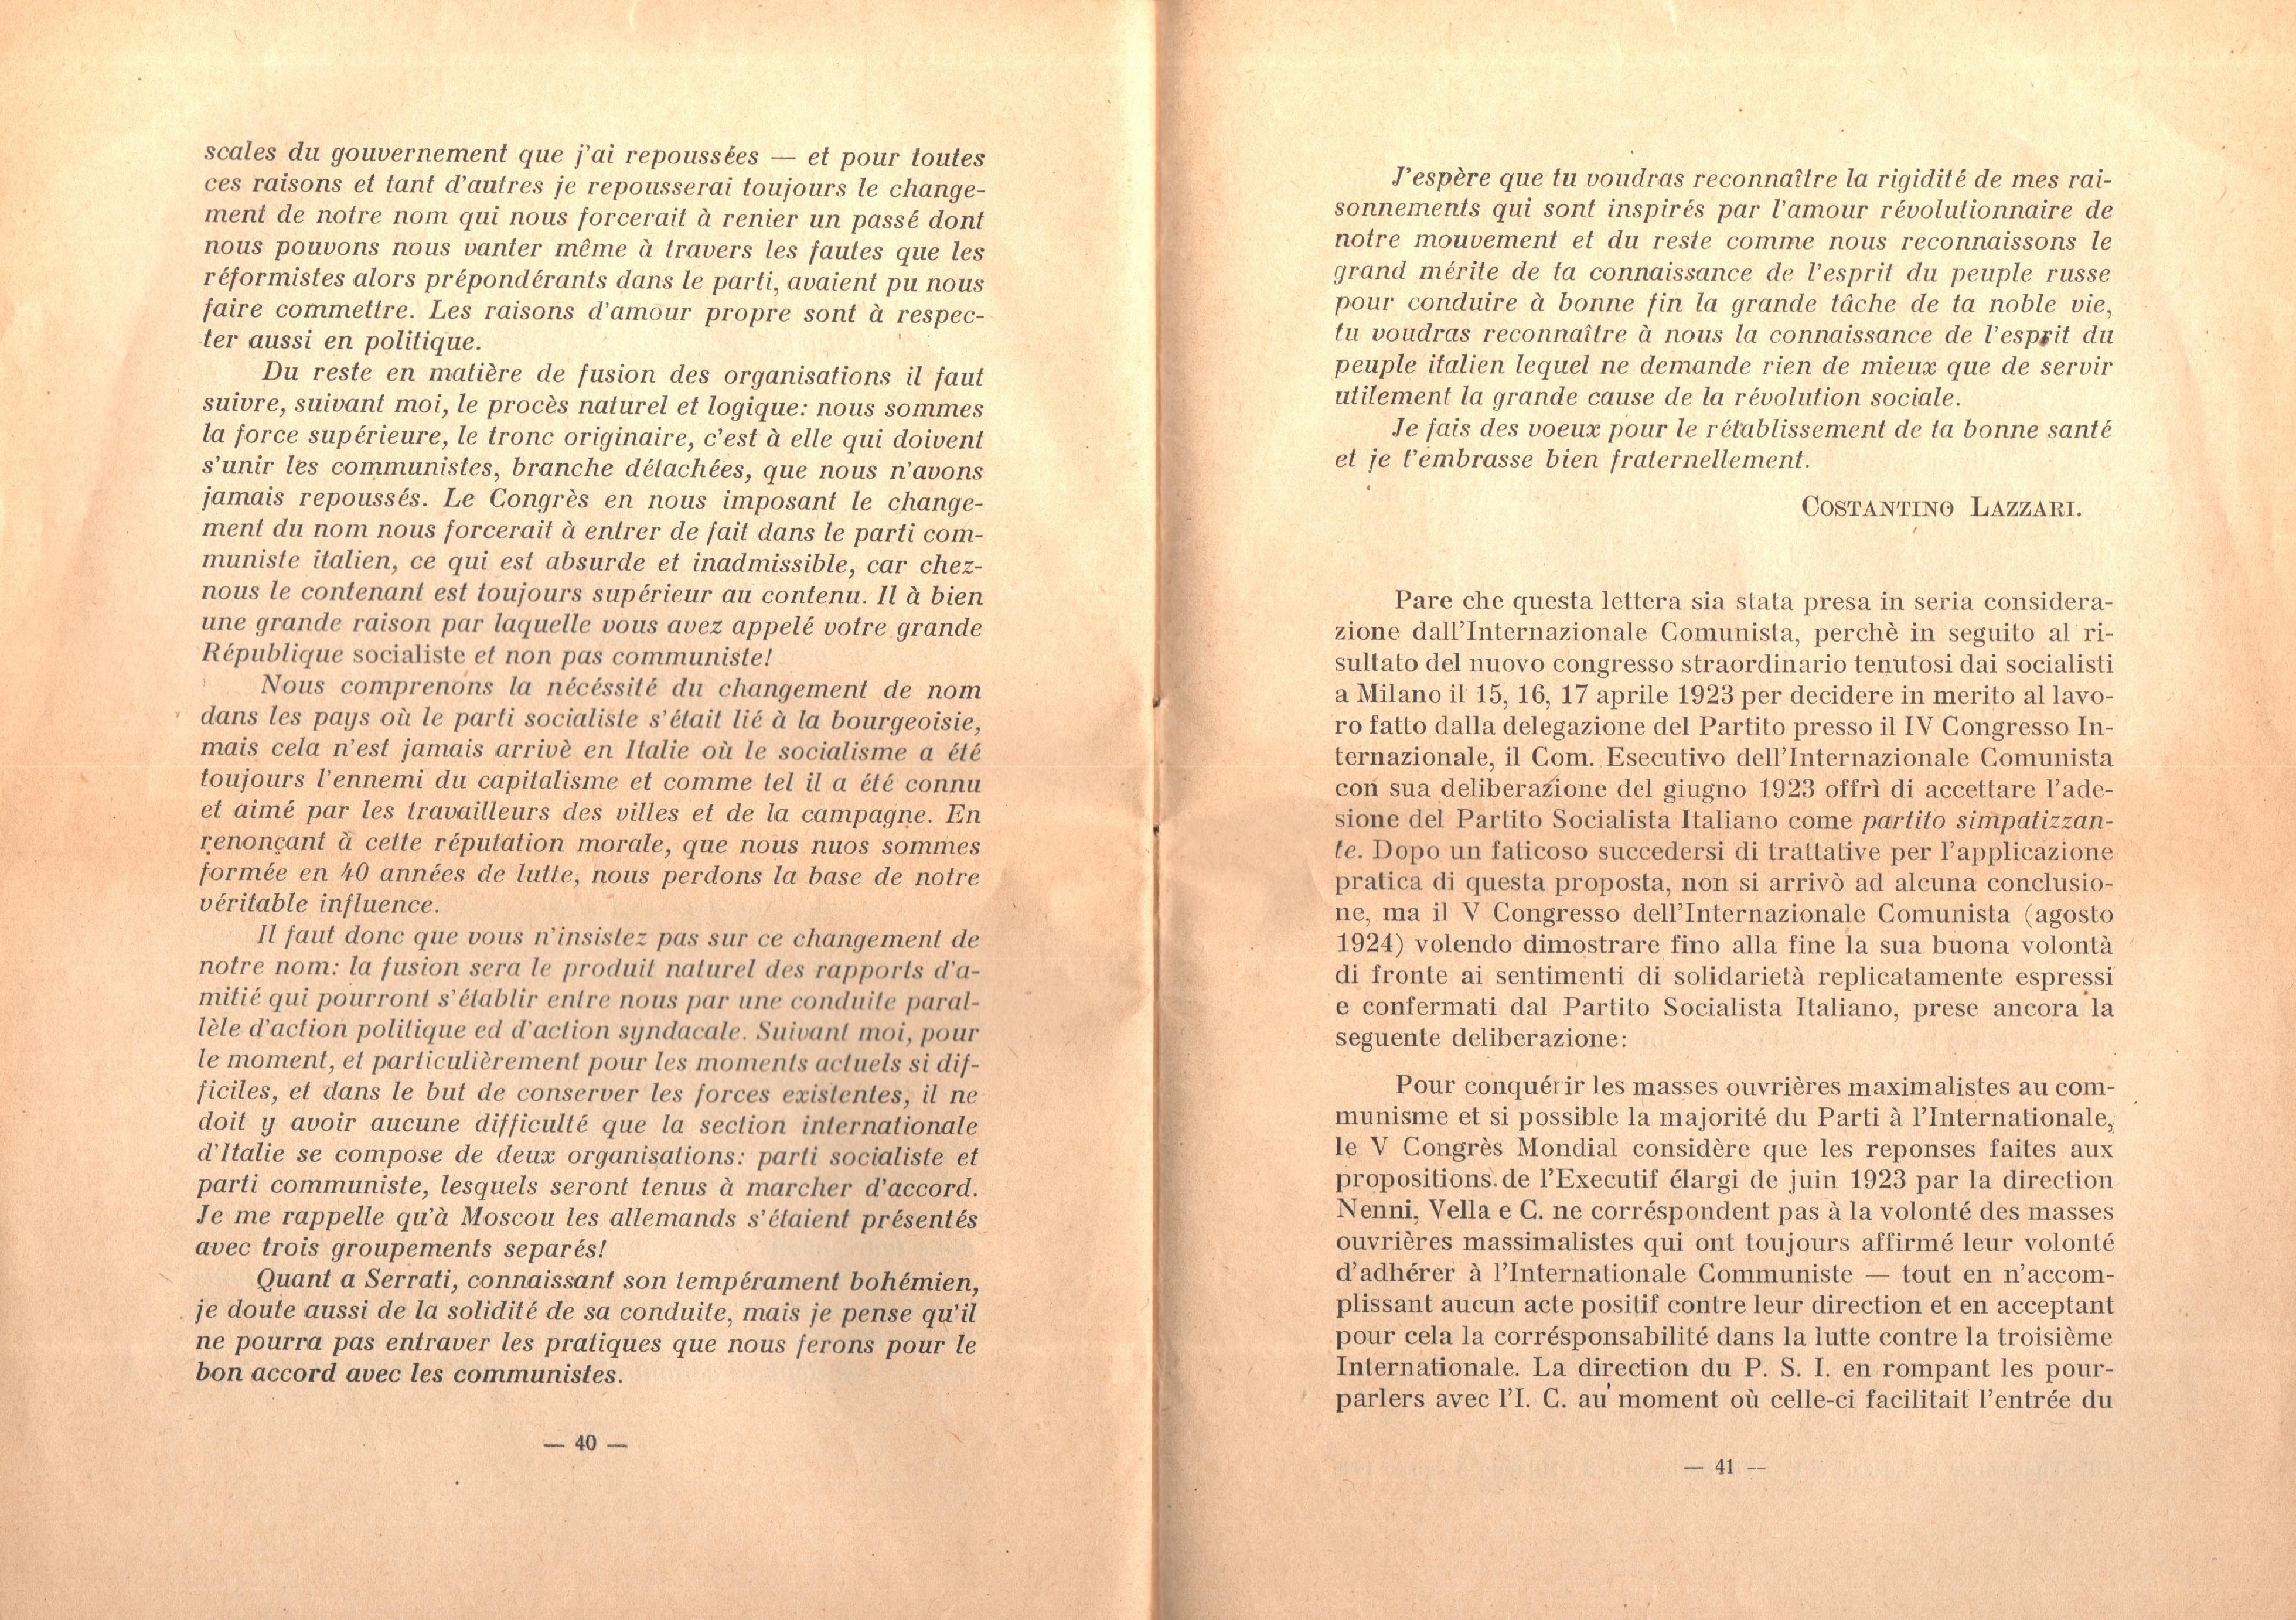 C. Lazzari, Il mio ultimo colloquio con Nicola Lenin - pag. 22